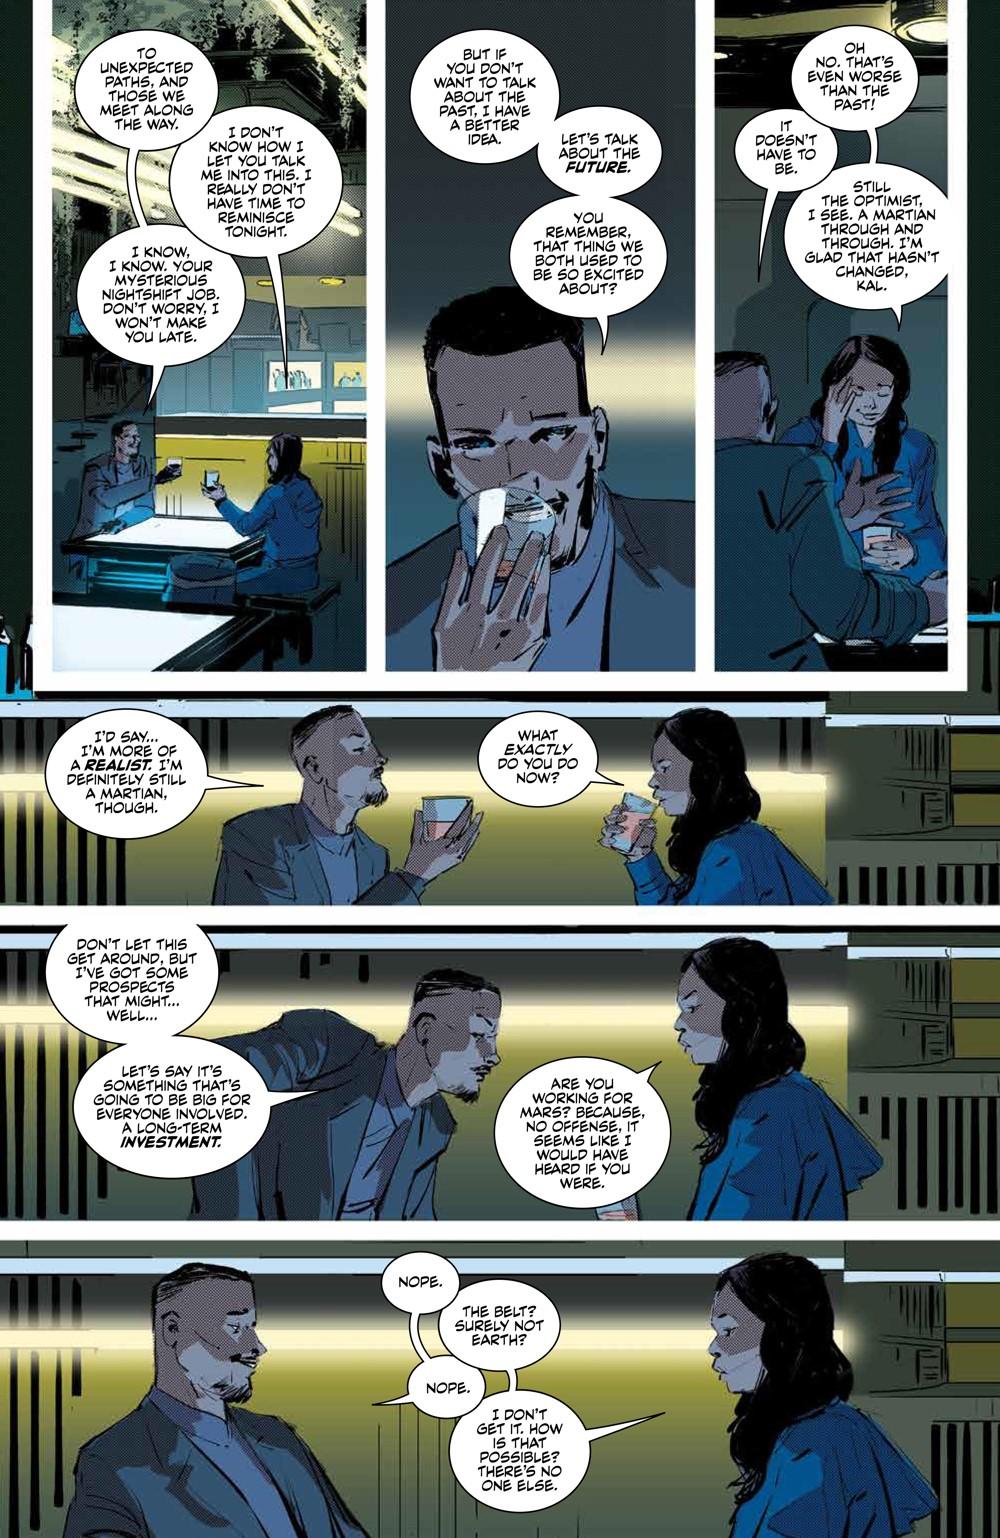 Expanse_SC_PRESS_16 ComicList Previews: THE EXPANSE TP